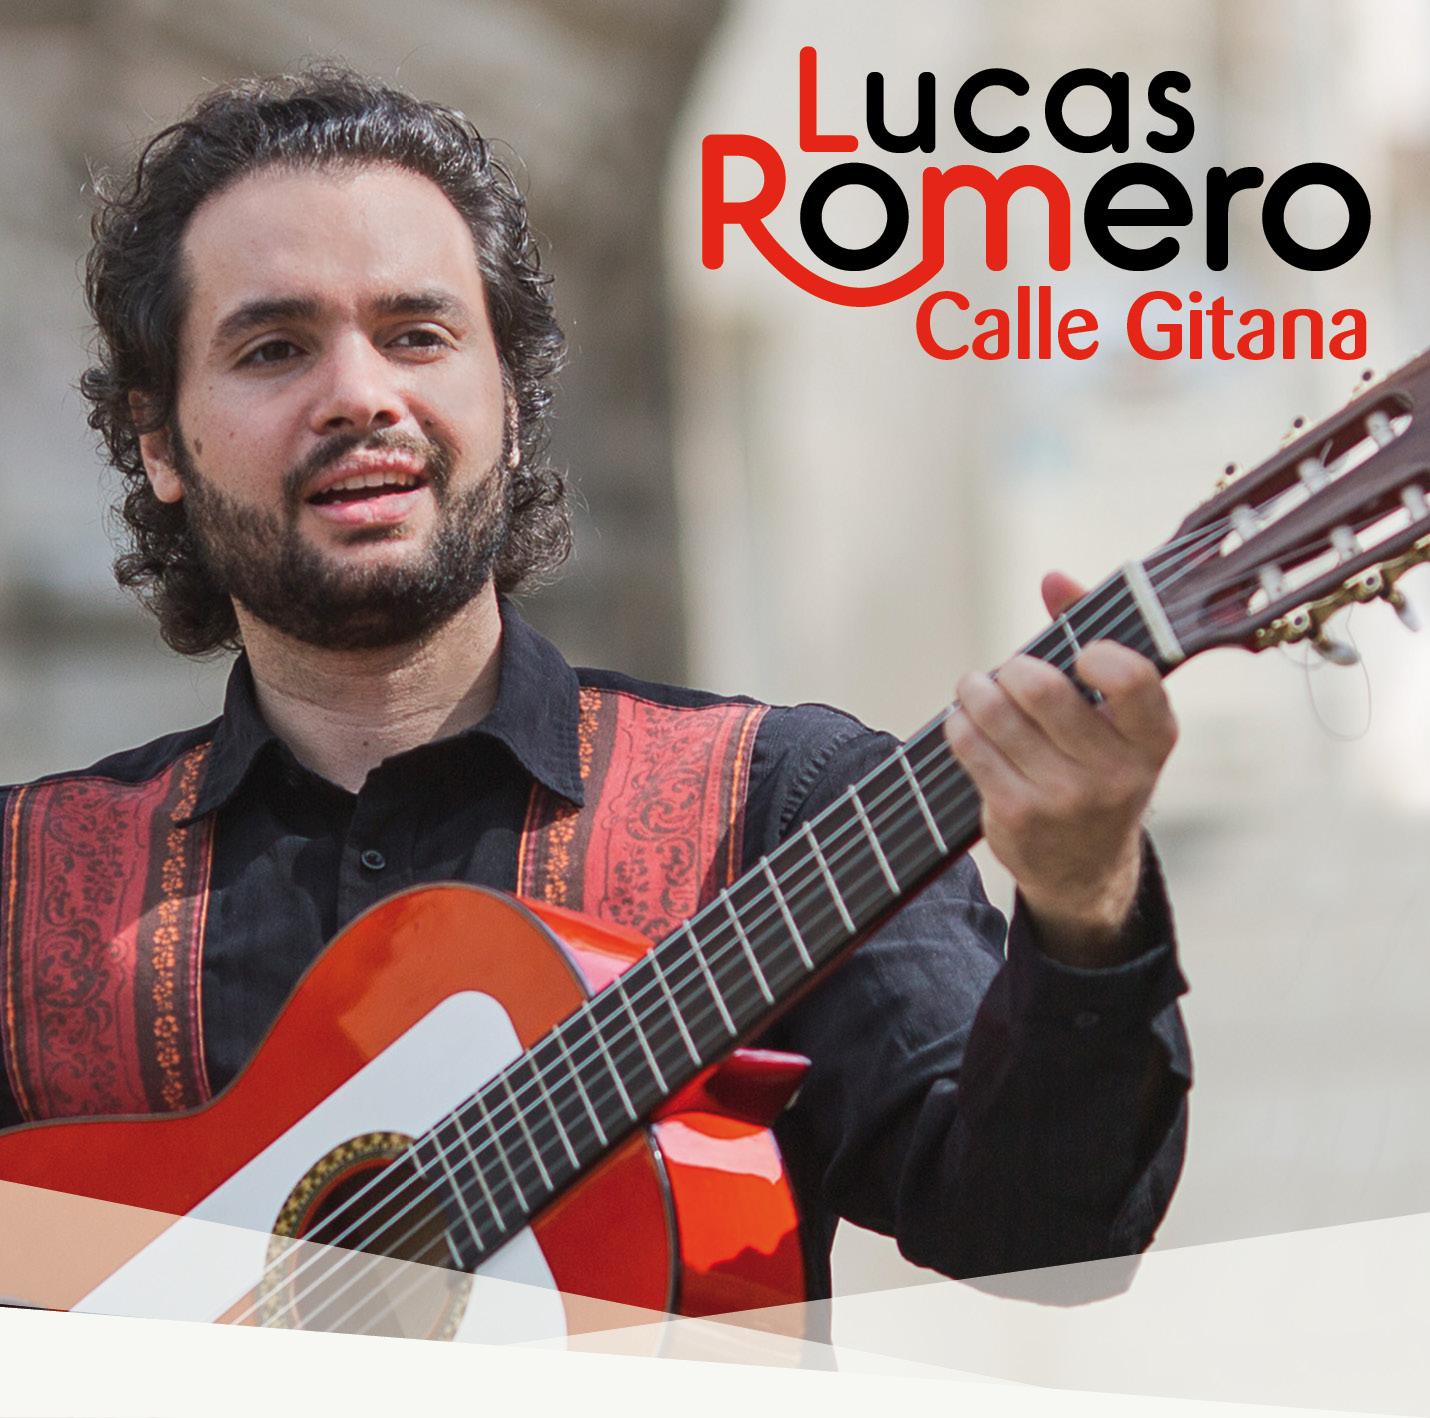 Lucas Romero - Calle Gitana